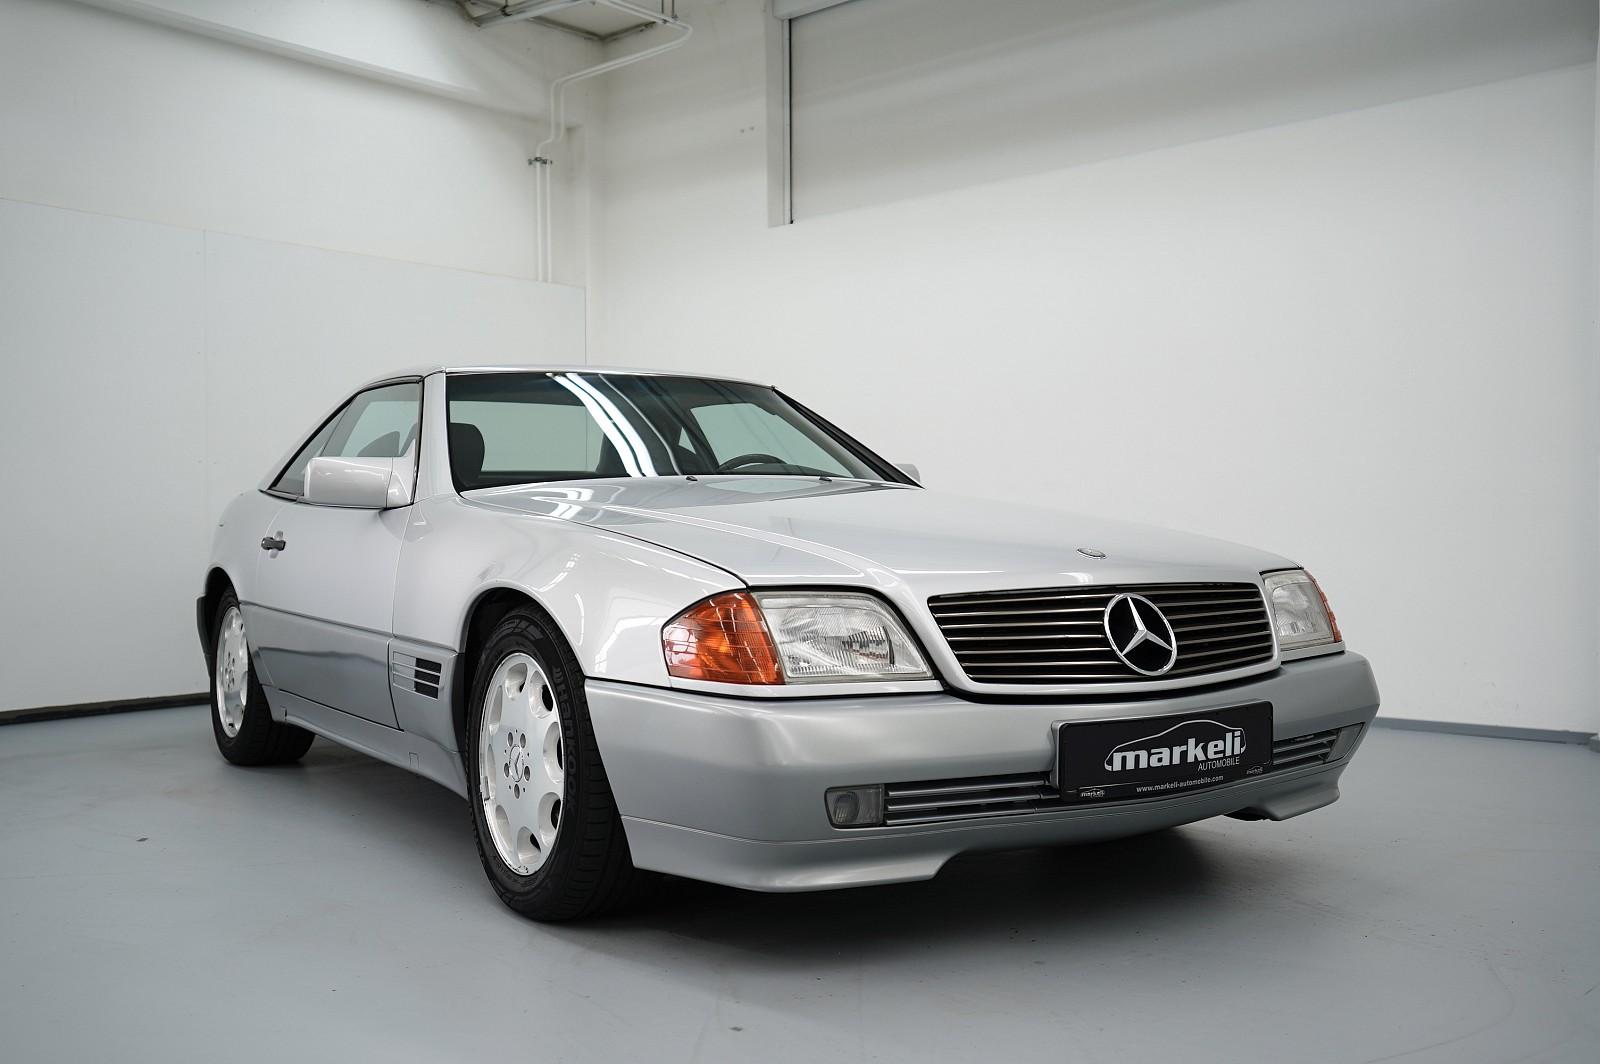 Mercedes-Benz 300 sl (H-KENNZEICHEN)  deutsche erstauslieferung ! German first edition !